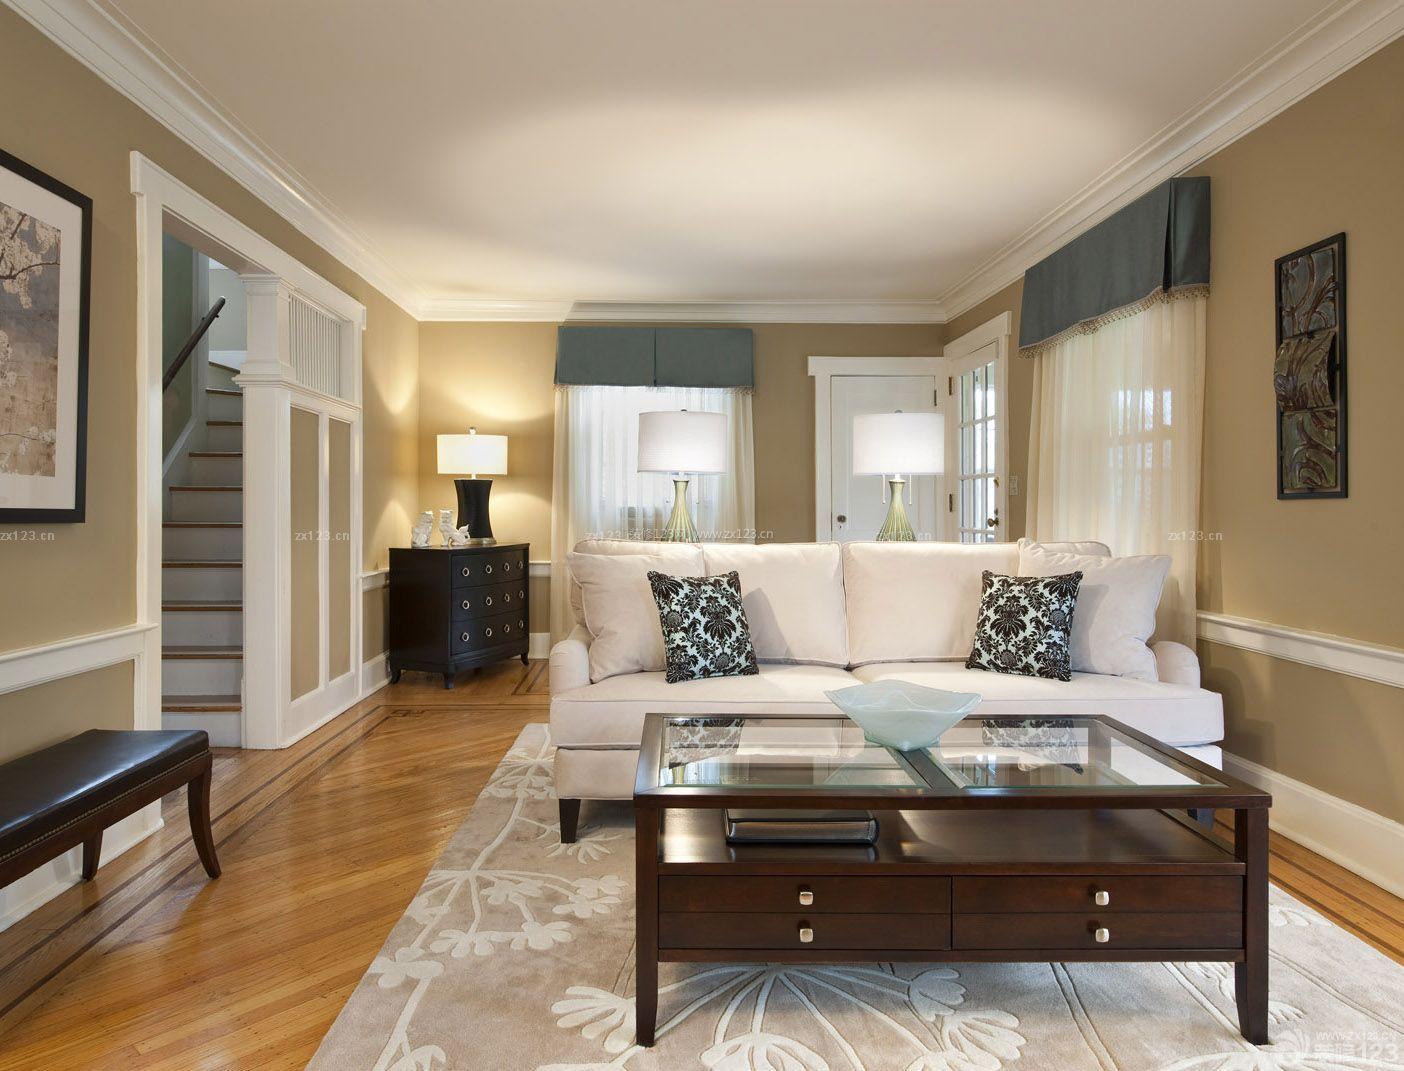 房子效果图美式美式设计115平米效果室内装修图片家装提供者烟台建筑设计招聘图片